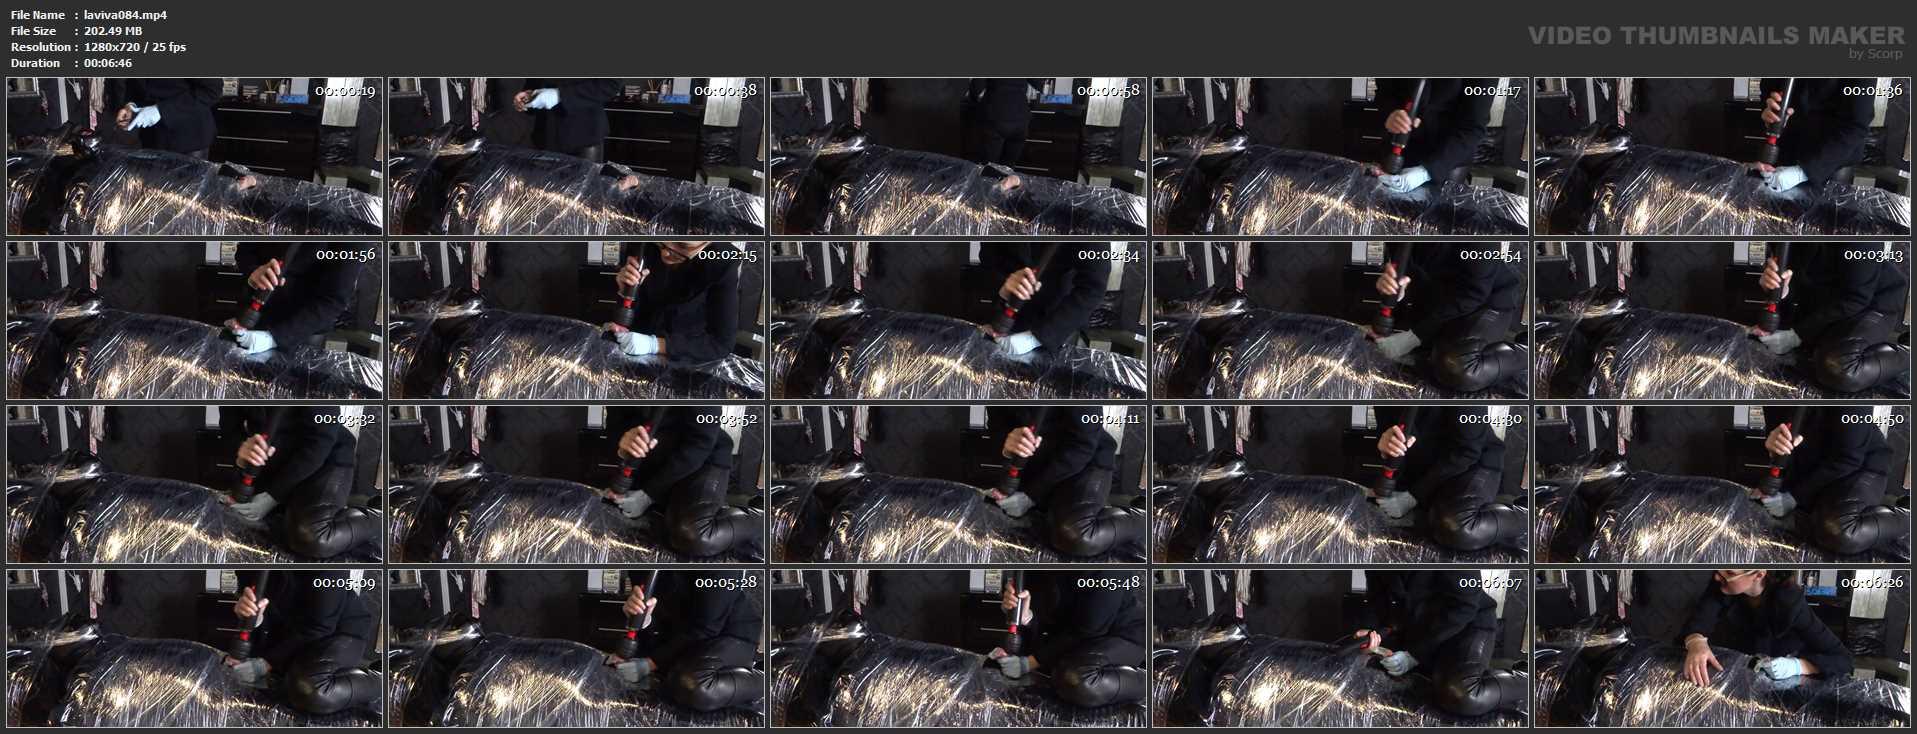 Lady Victoria Valente In Scene: Latex Vibrator condom Orgasm Part 2 - CLIPS4SALE / LADYVICTORIAVALENTE - HD/720p/MP4